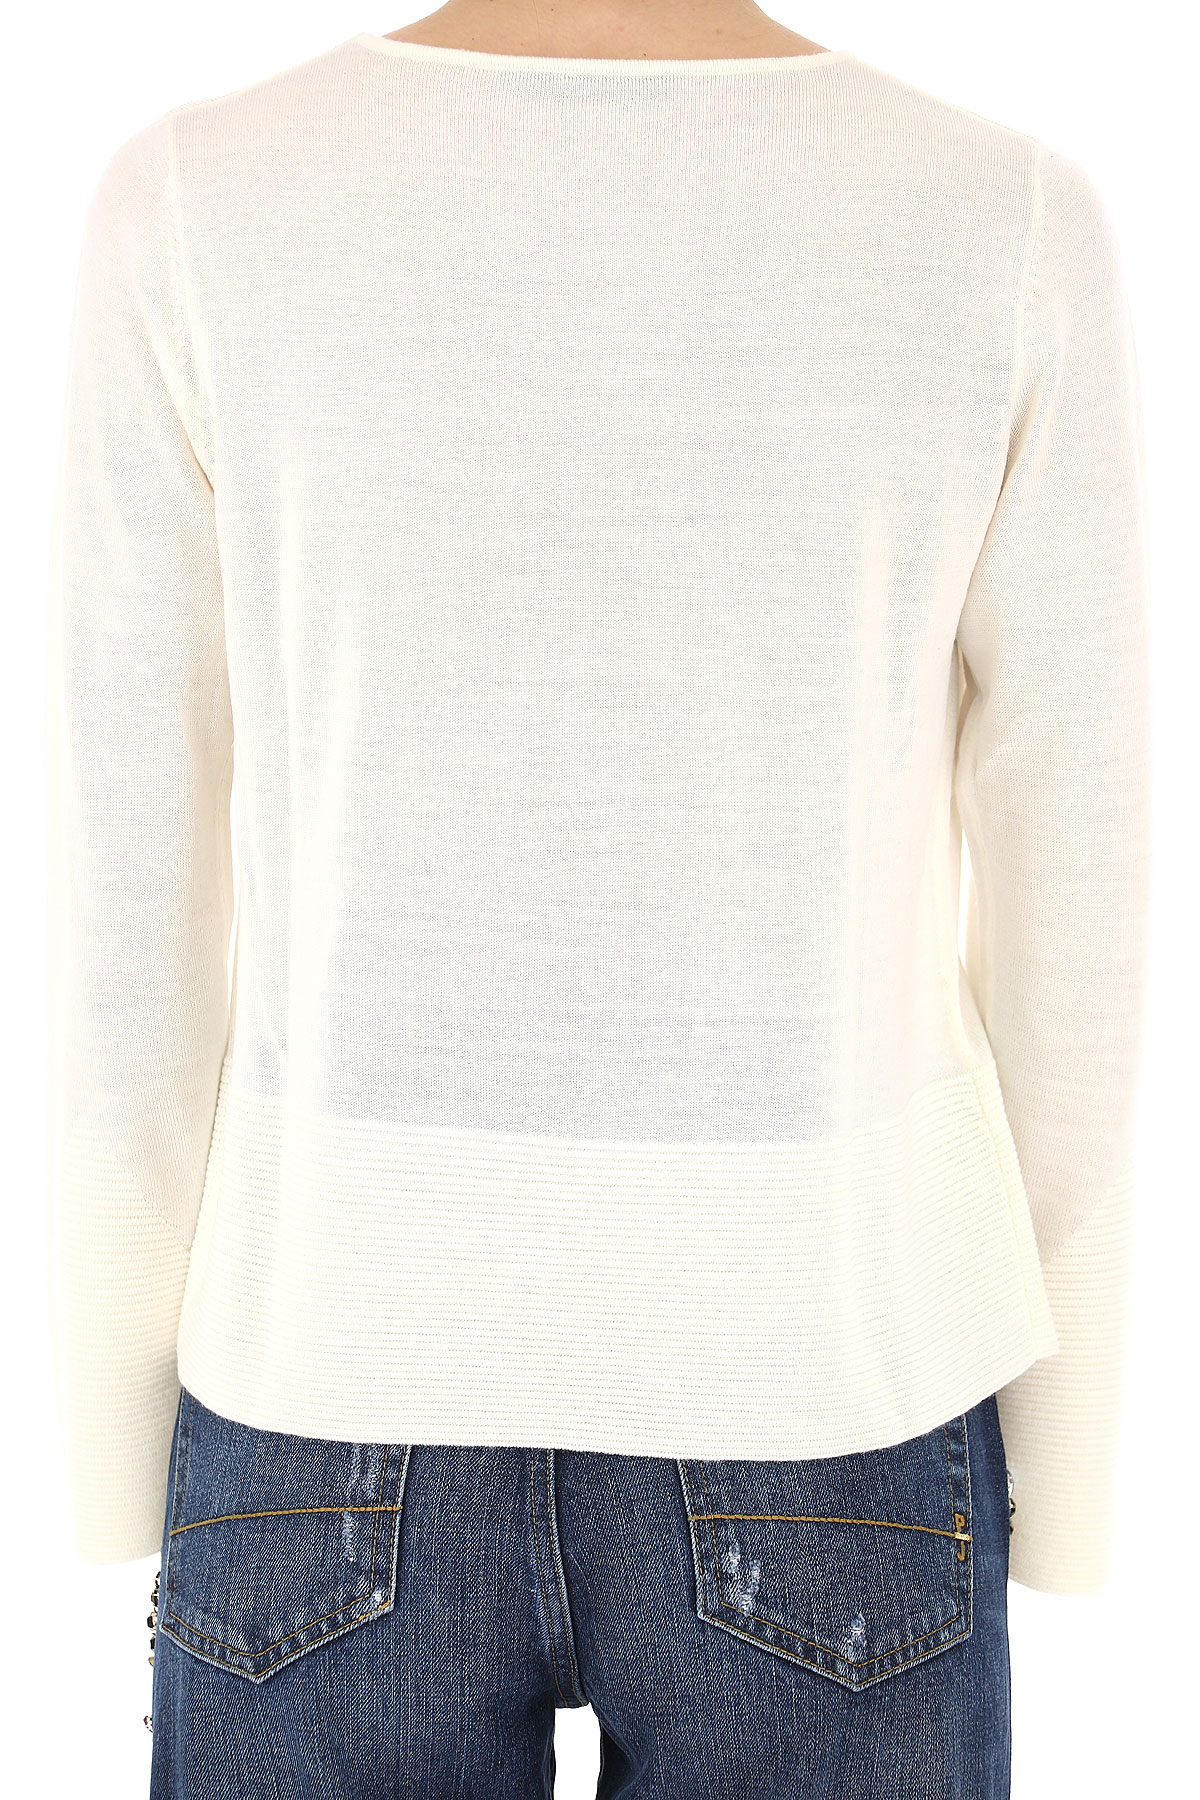 nuovo di zecca a0e6e 51580 Womens Clothing Seventy, Style code: mt1602-910339-003